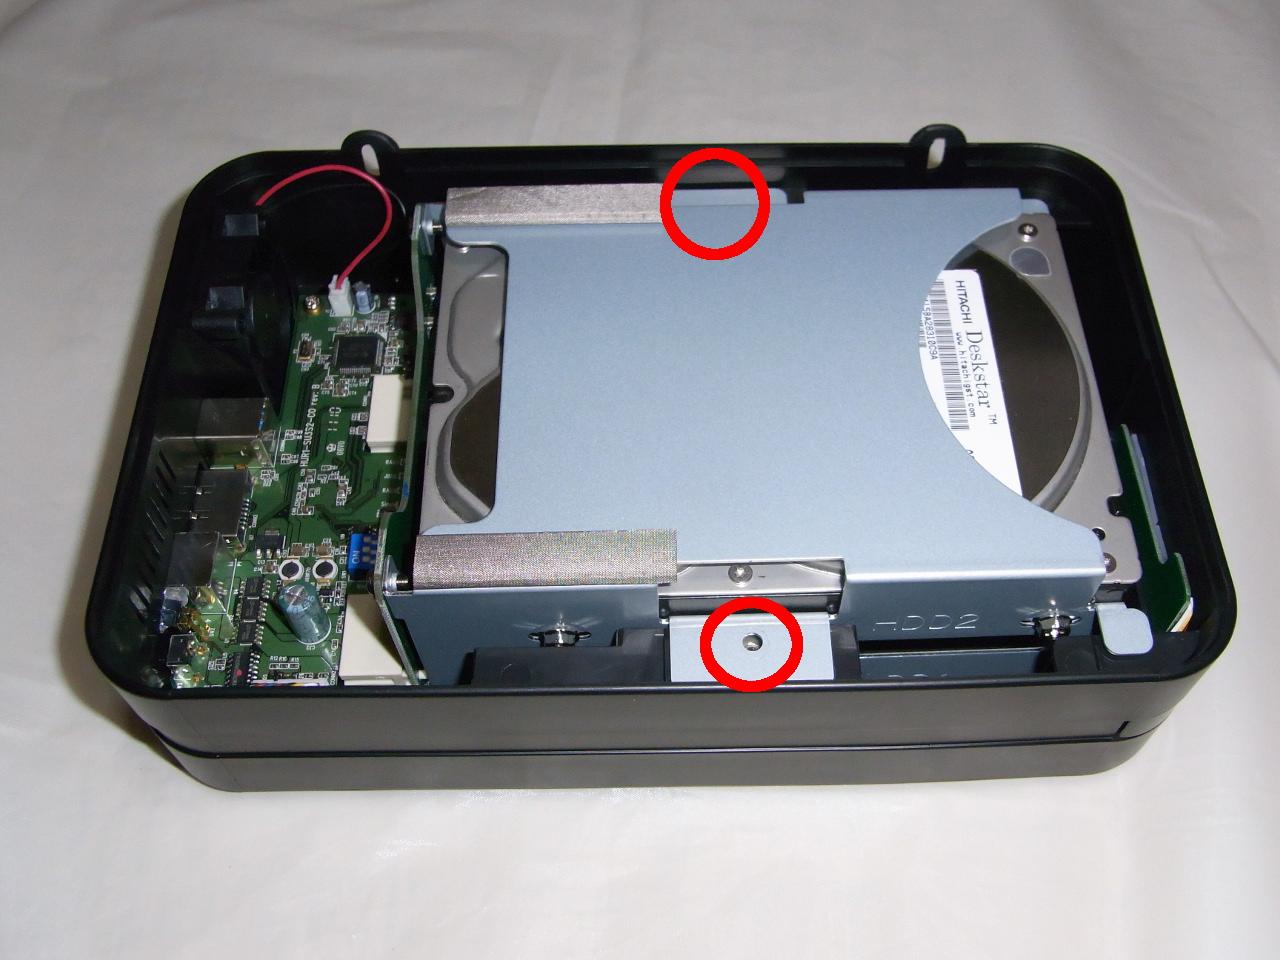 CG-HDC2EUS31-WのHDDトレイの固定するねじを締める